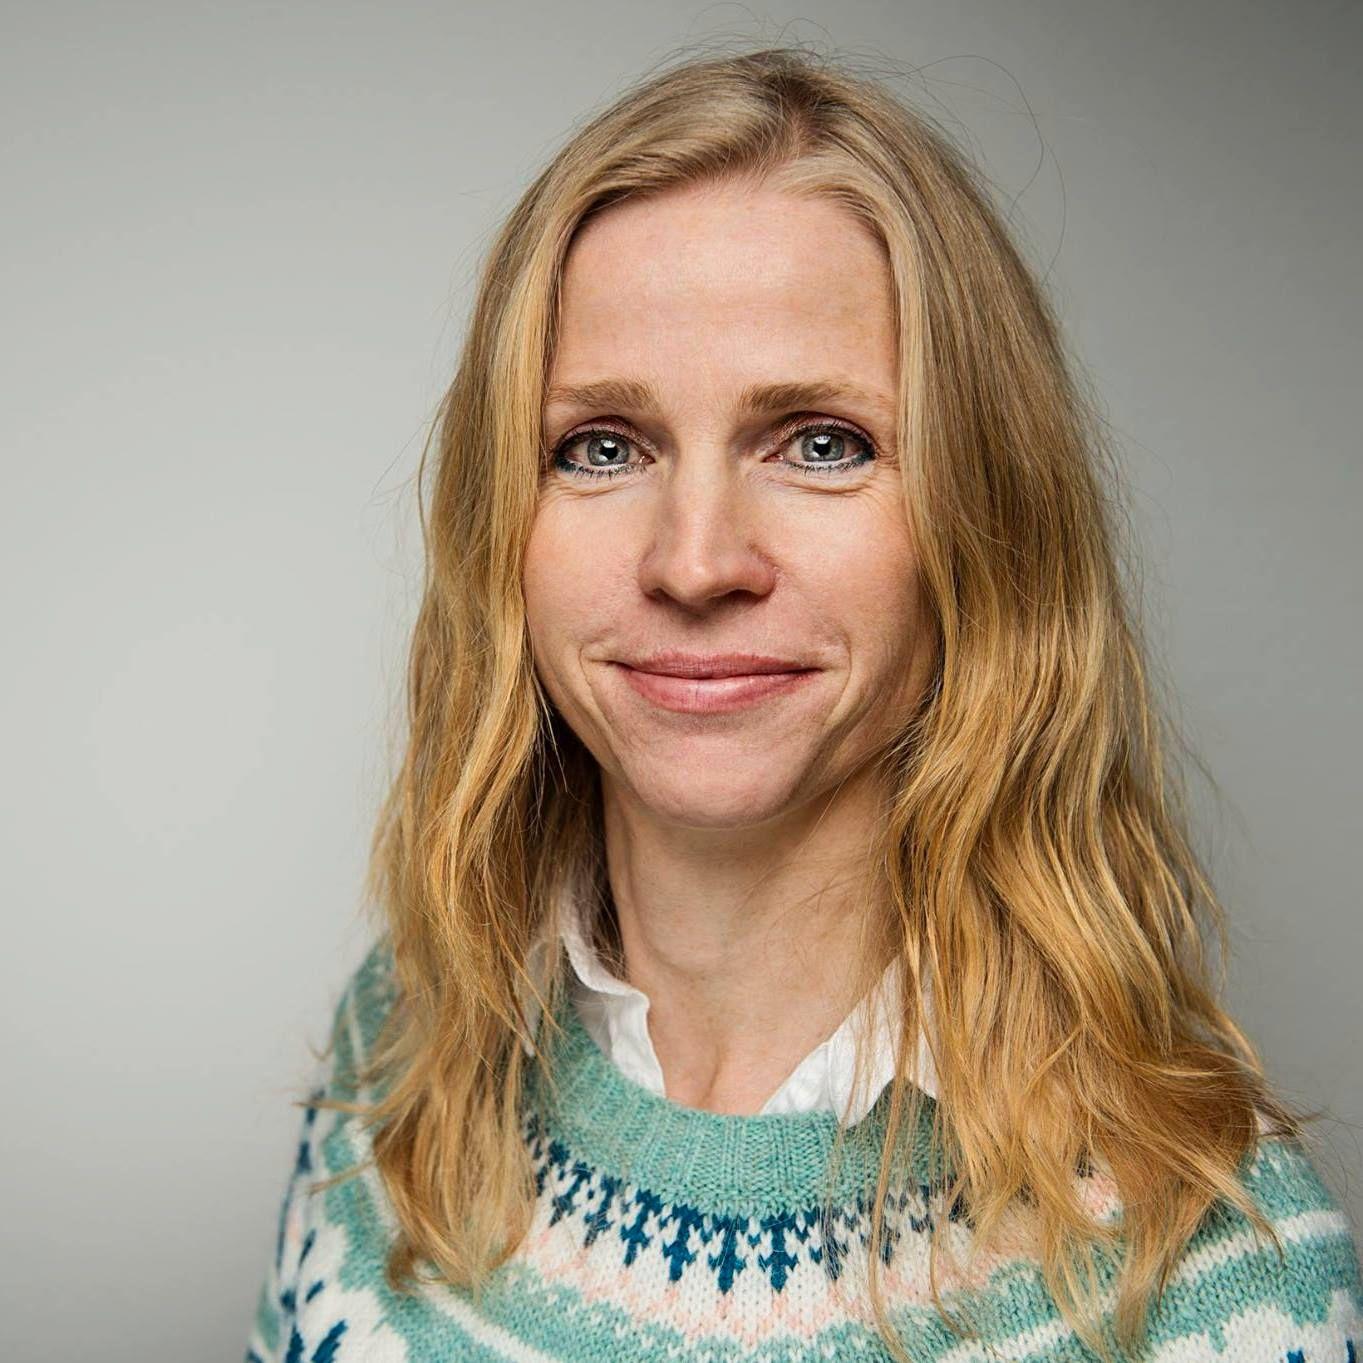 Kristin Reichborn-Kjennerud